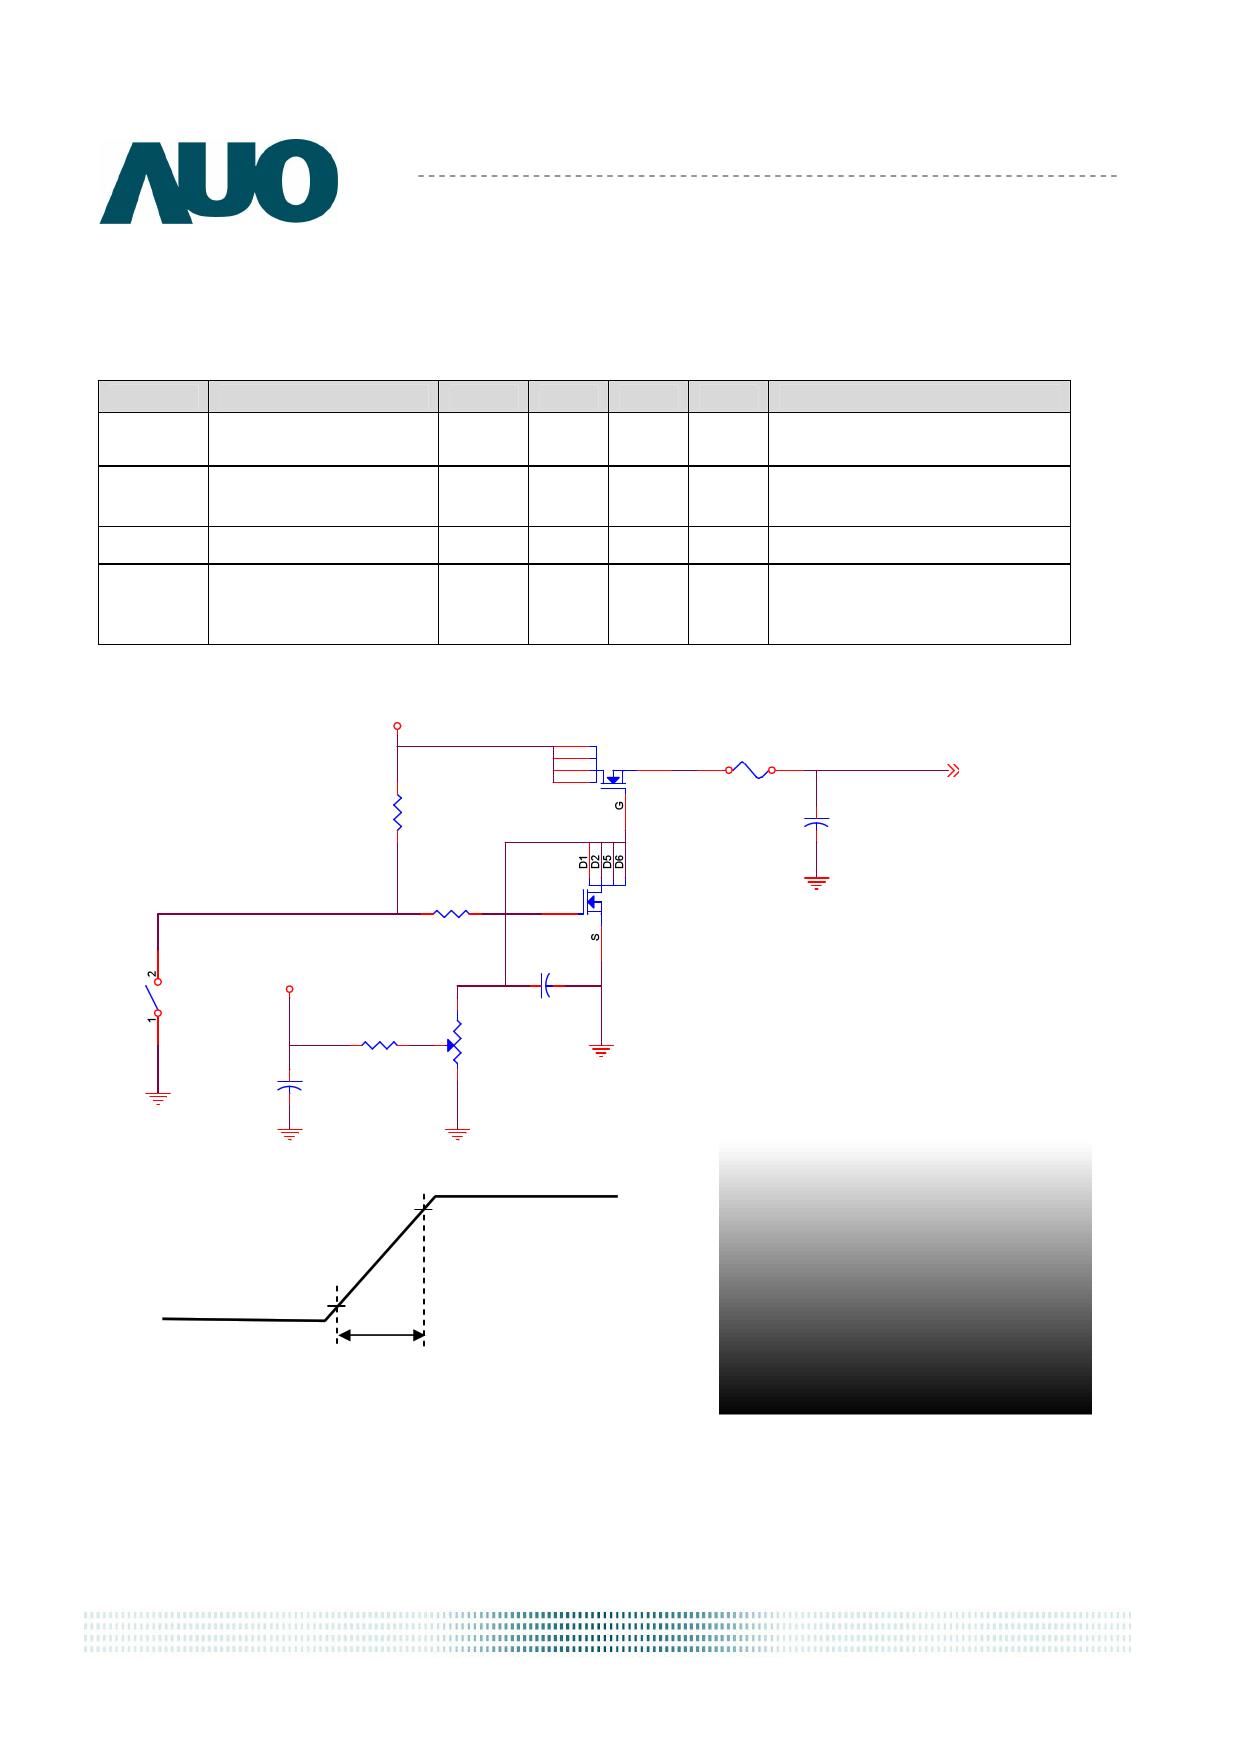 G070VTN01.0 arduino